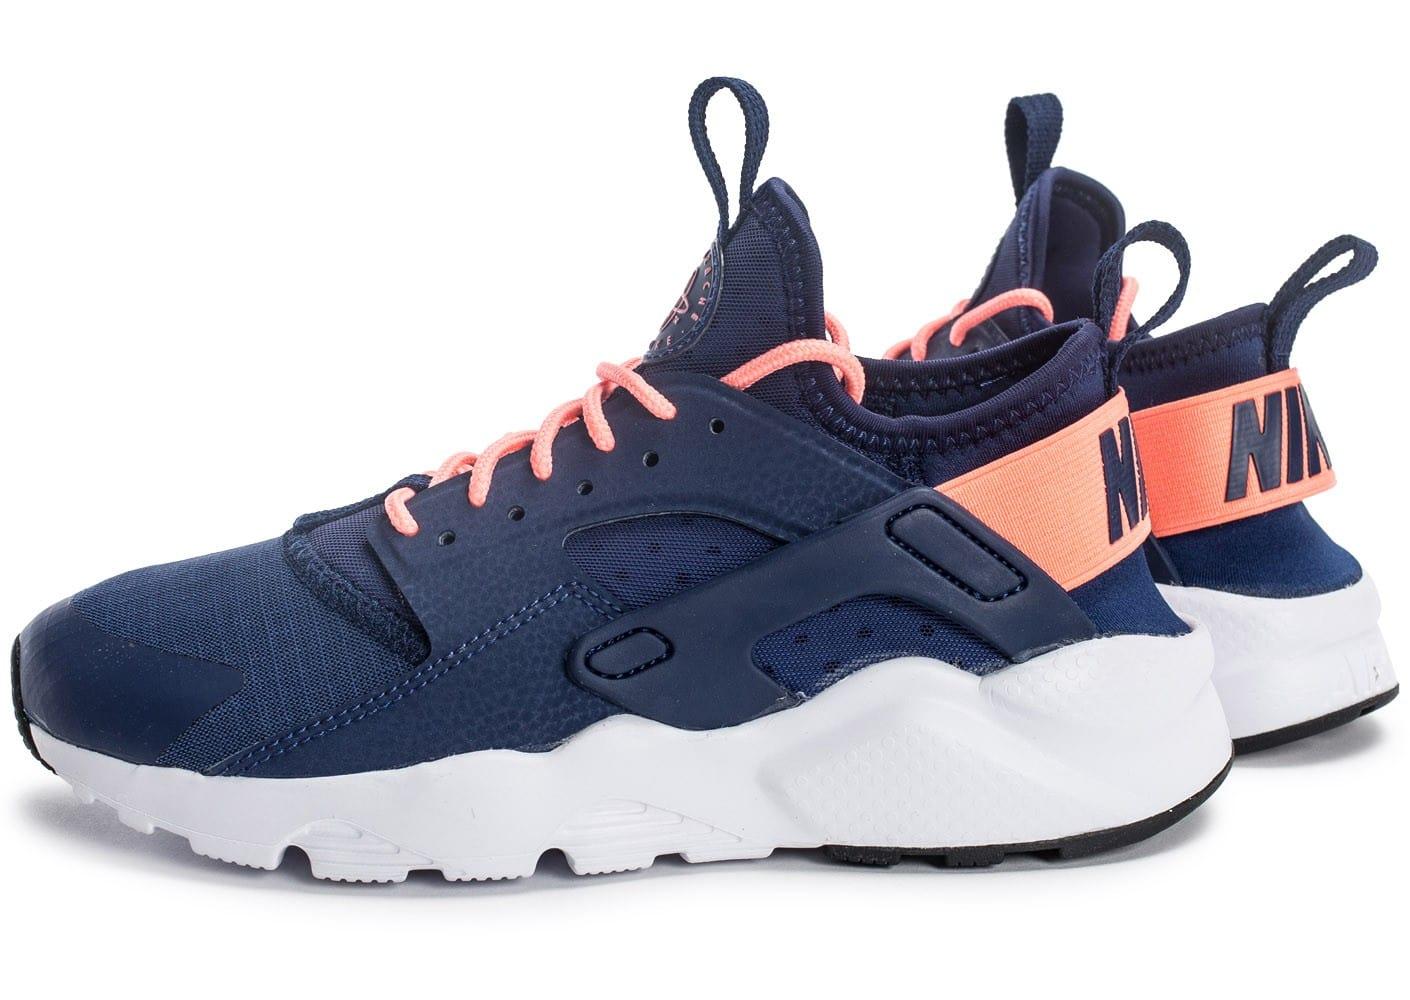 lowest price 795db 33405 nike air huarache bleu et rose, Cliquez pour zoomer Chaussures Nike Air  Huarache Run Ultra